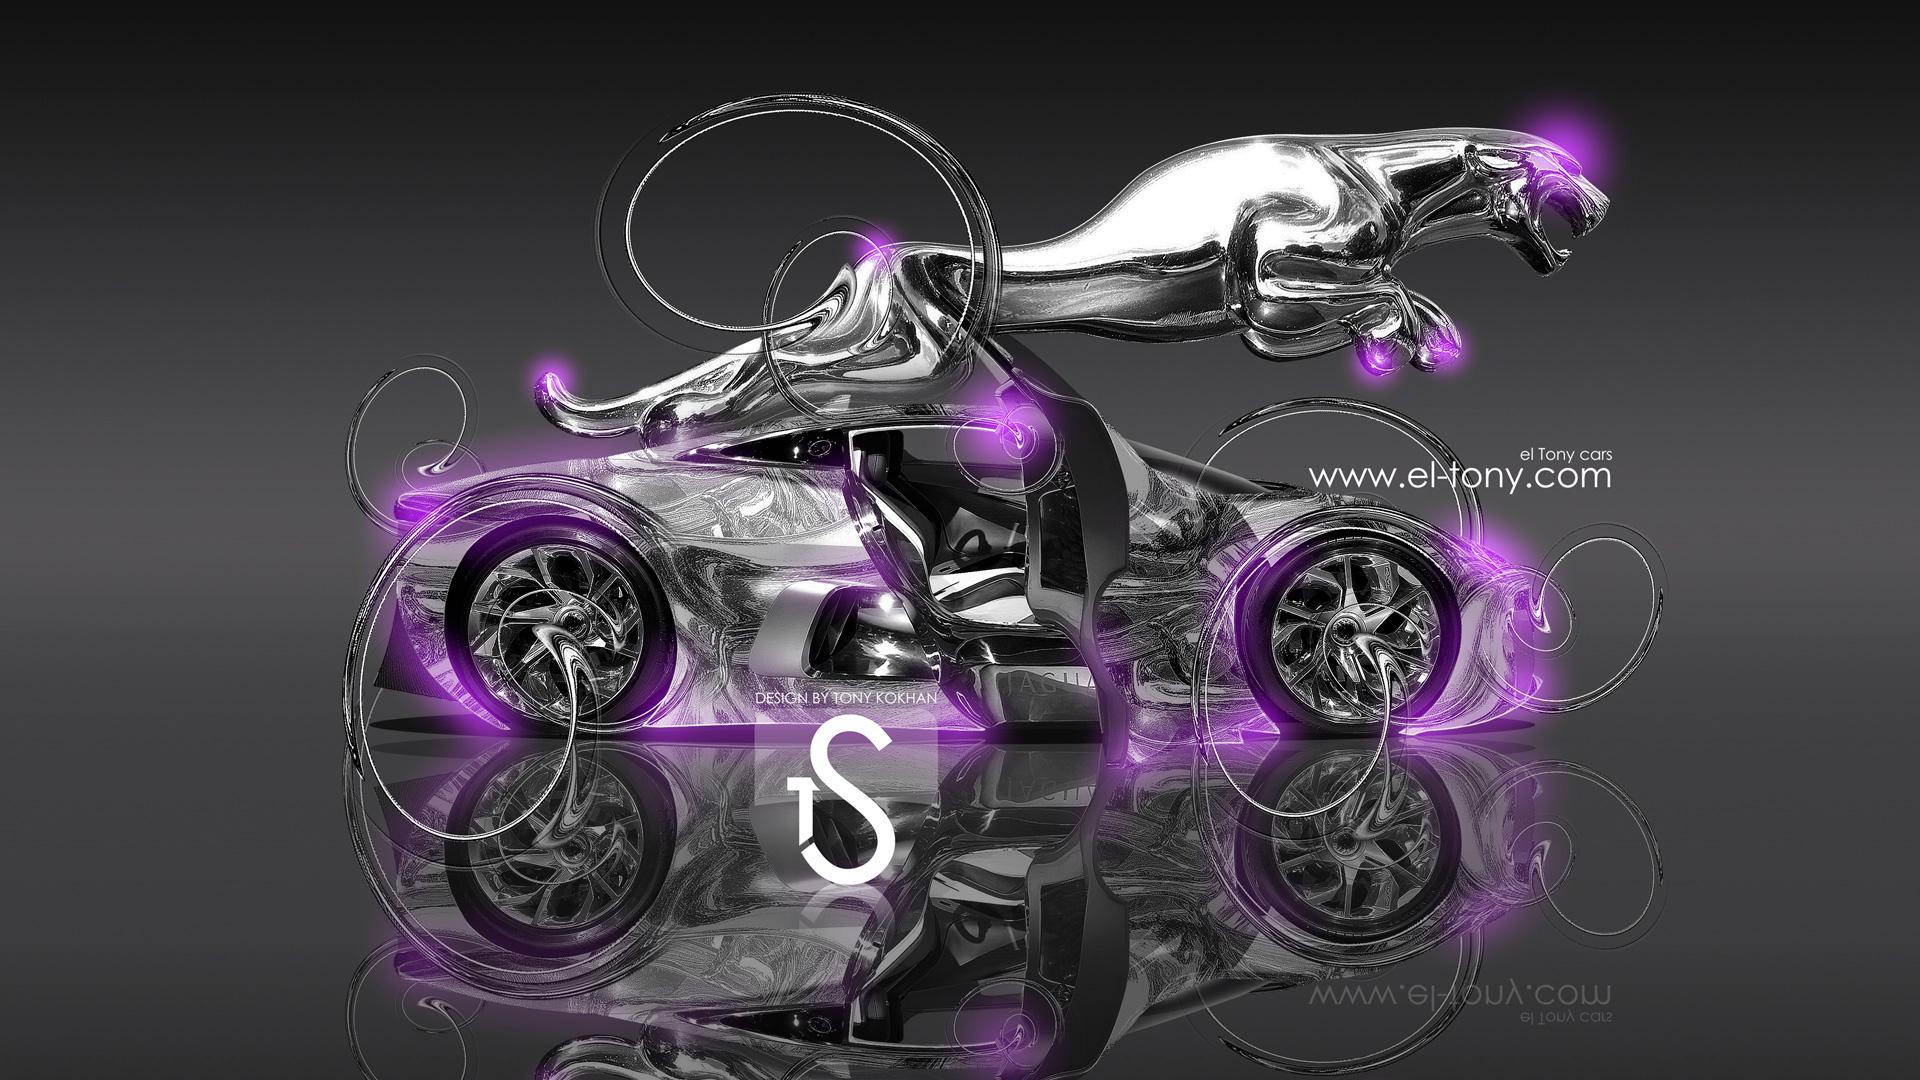 Jaguar Cx 75 Fantasy Metal Car 2013 Hd Violet Neon Wallpapers Design